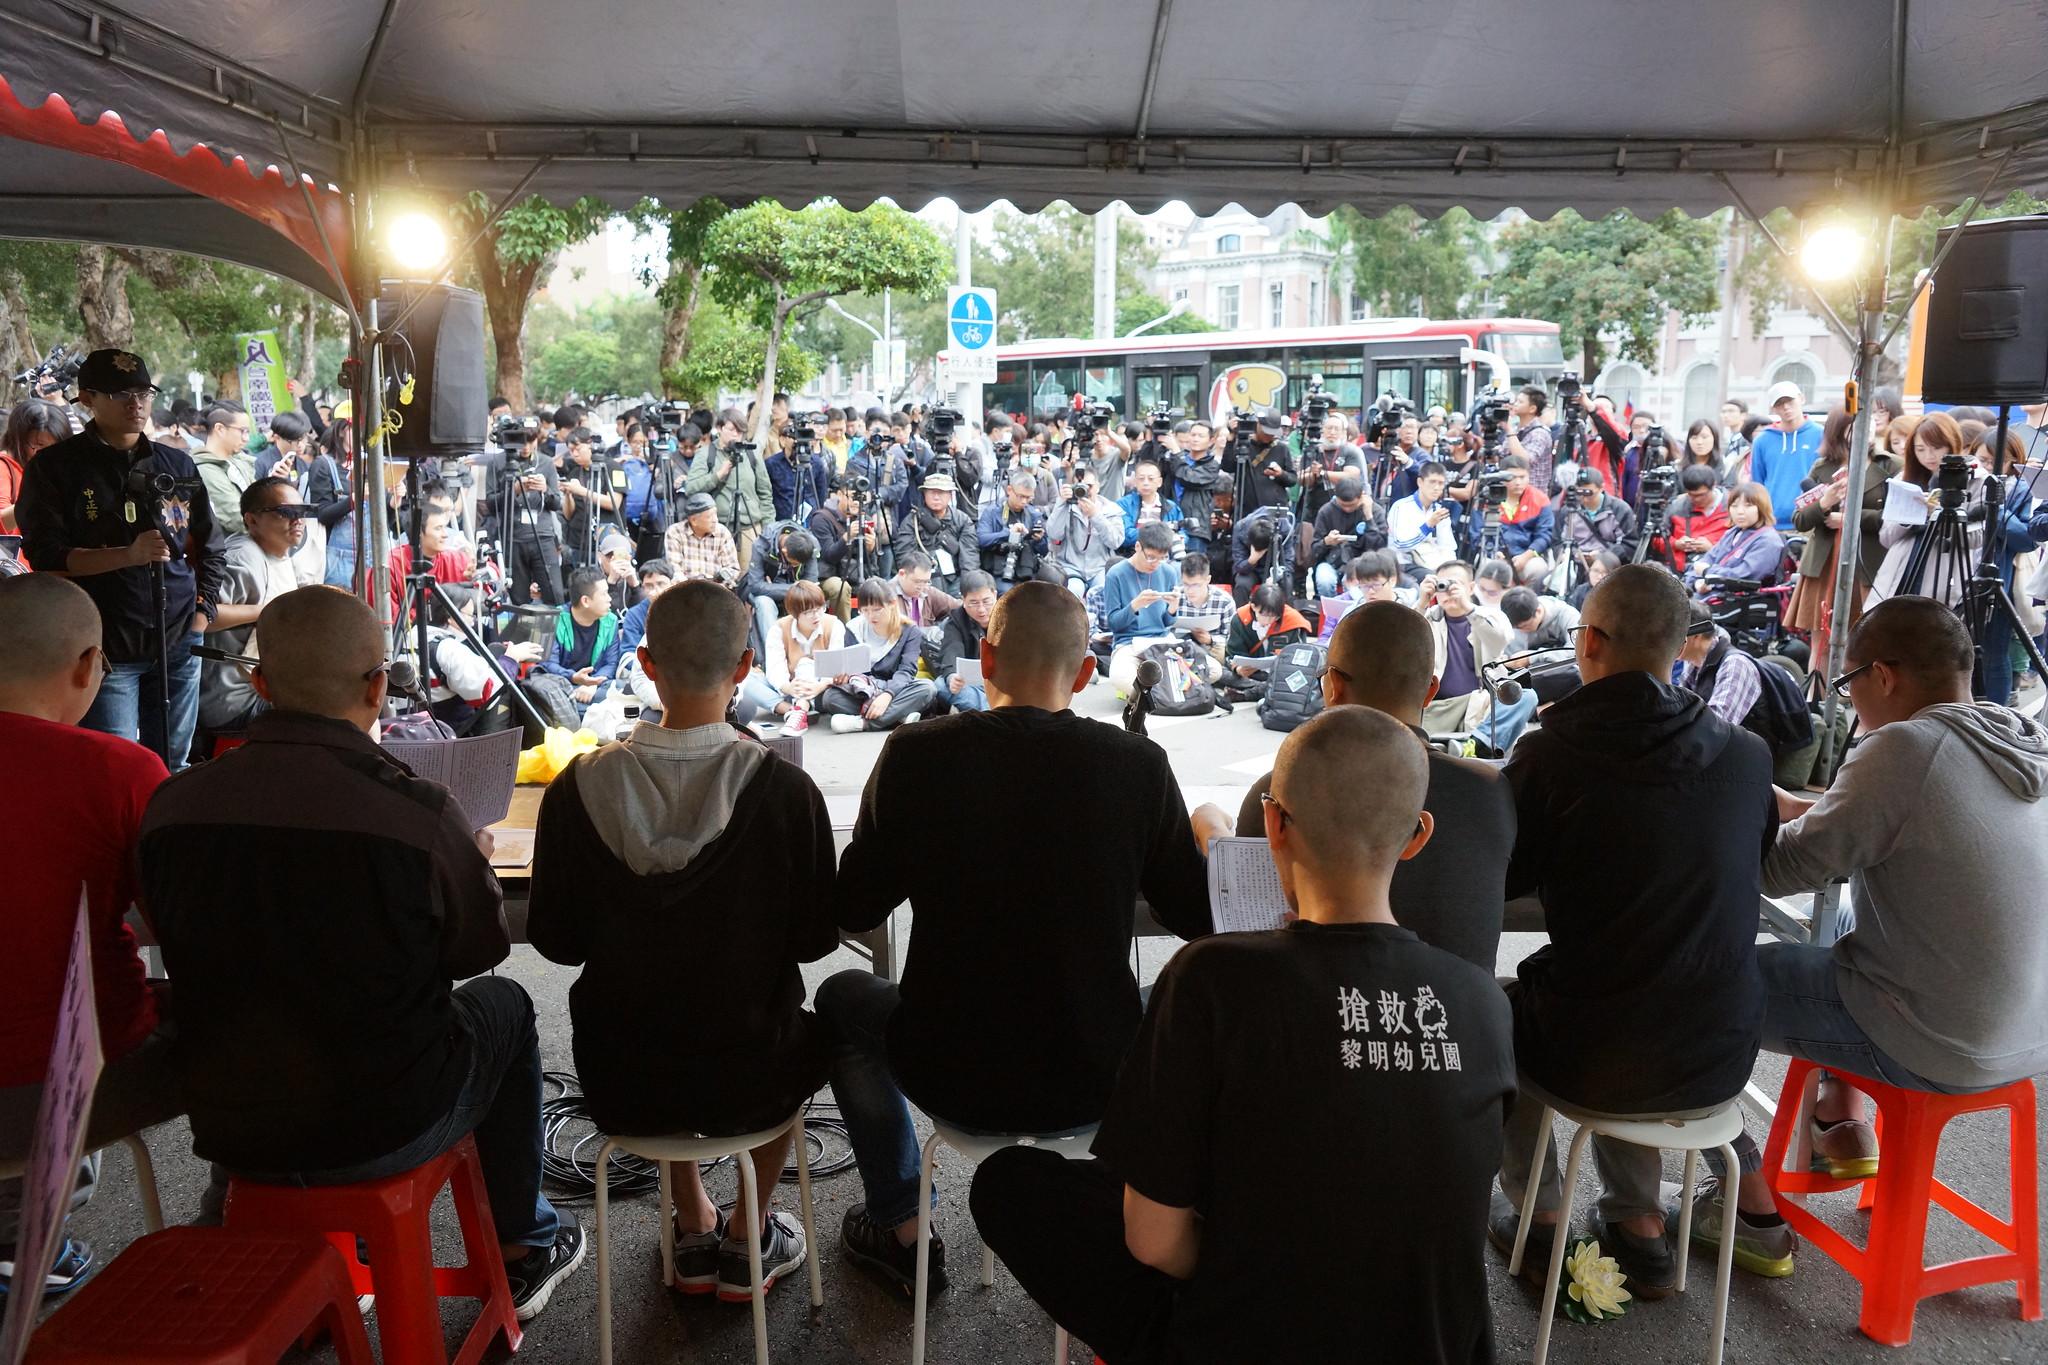 參與民眾也端坐台前,雙手合十共同誦經。(攝影:王顥中)